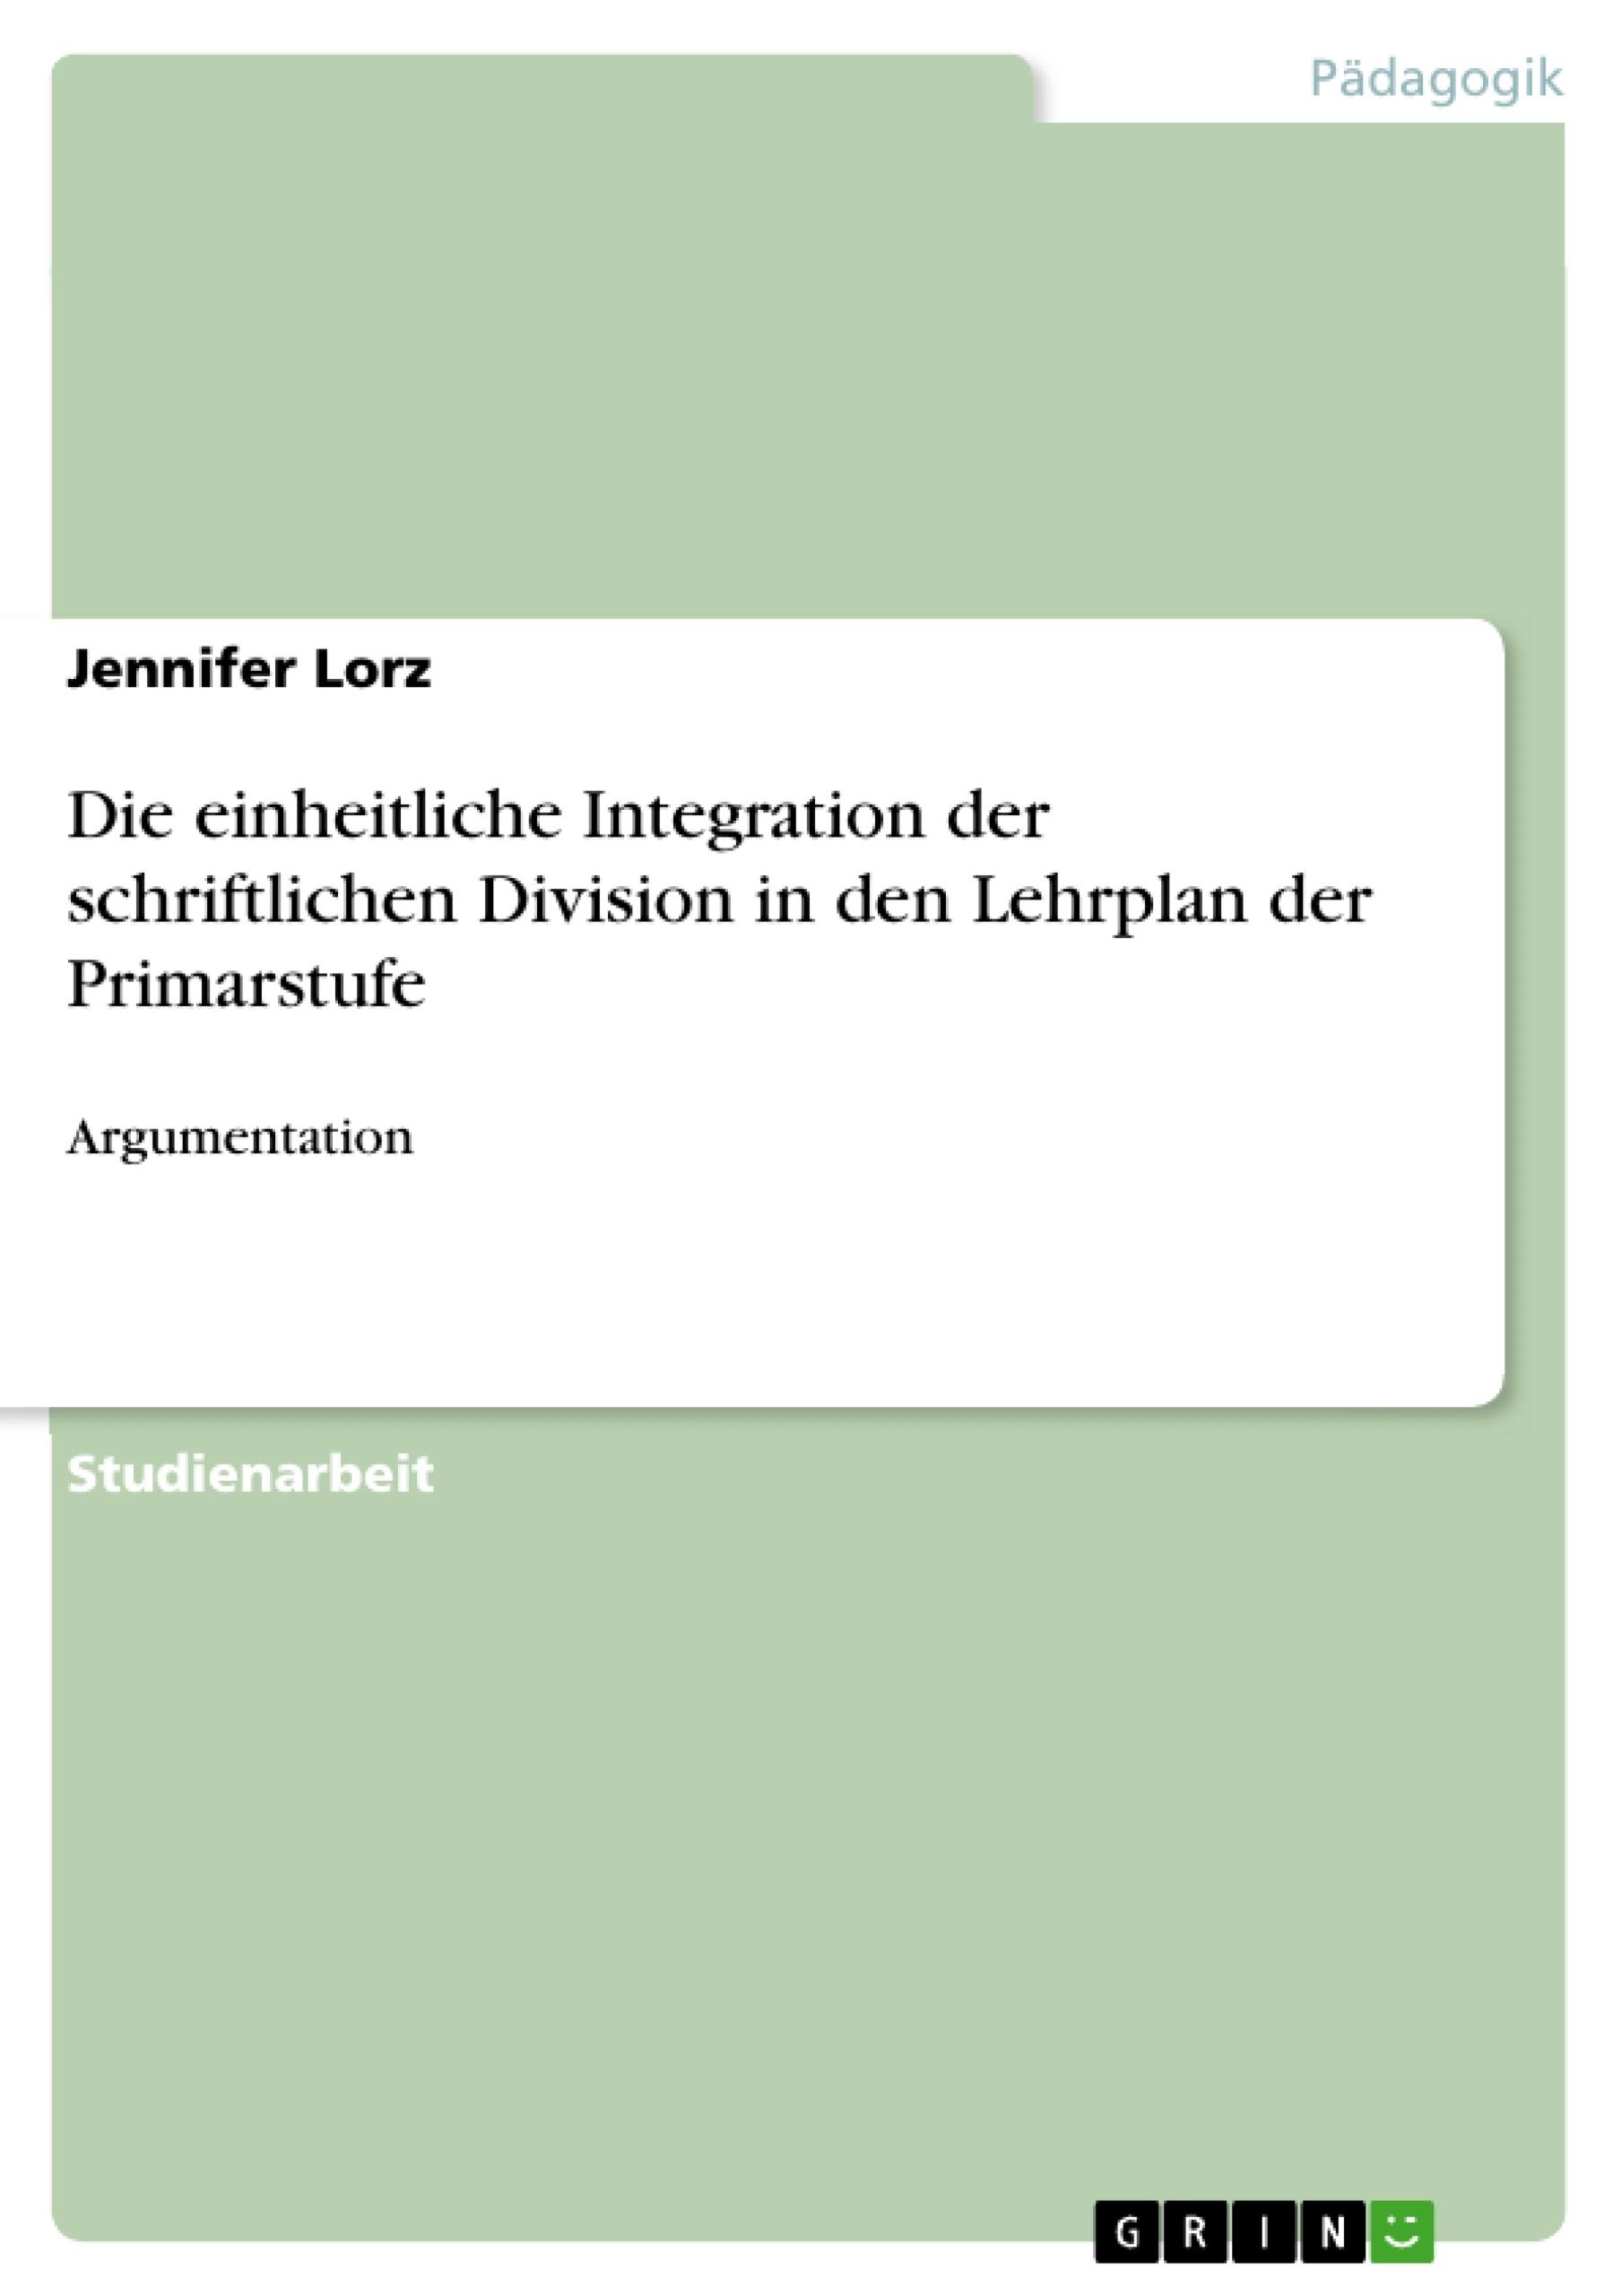 Titel: Die einheitliche Integration der schriftlichen Division in den Lehrplan der Primarstufe